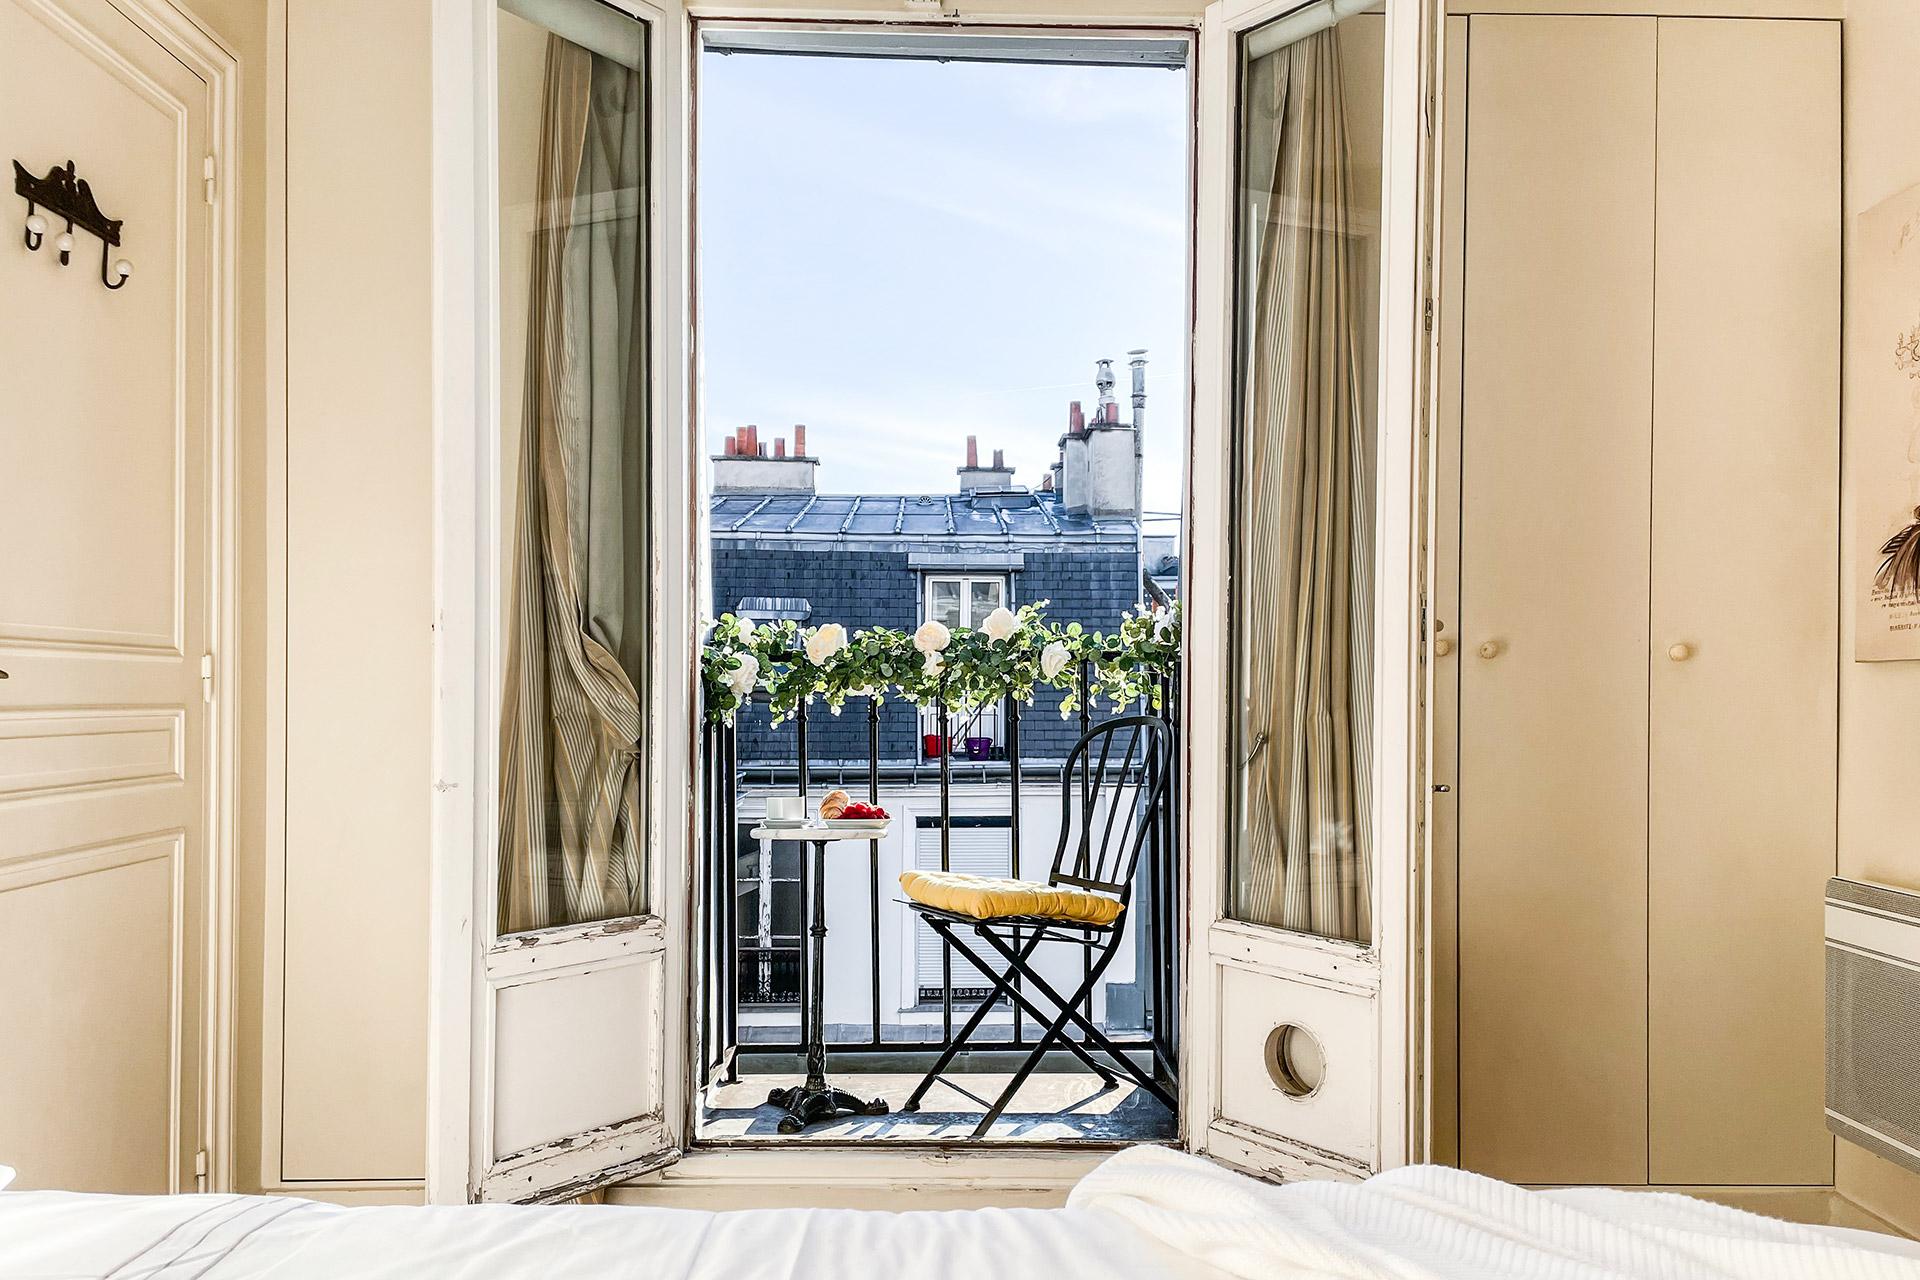 View towards the Parisian bedroom balcony